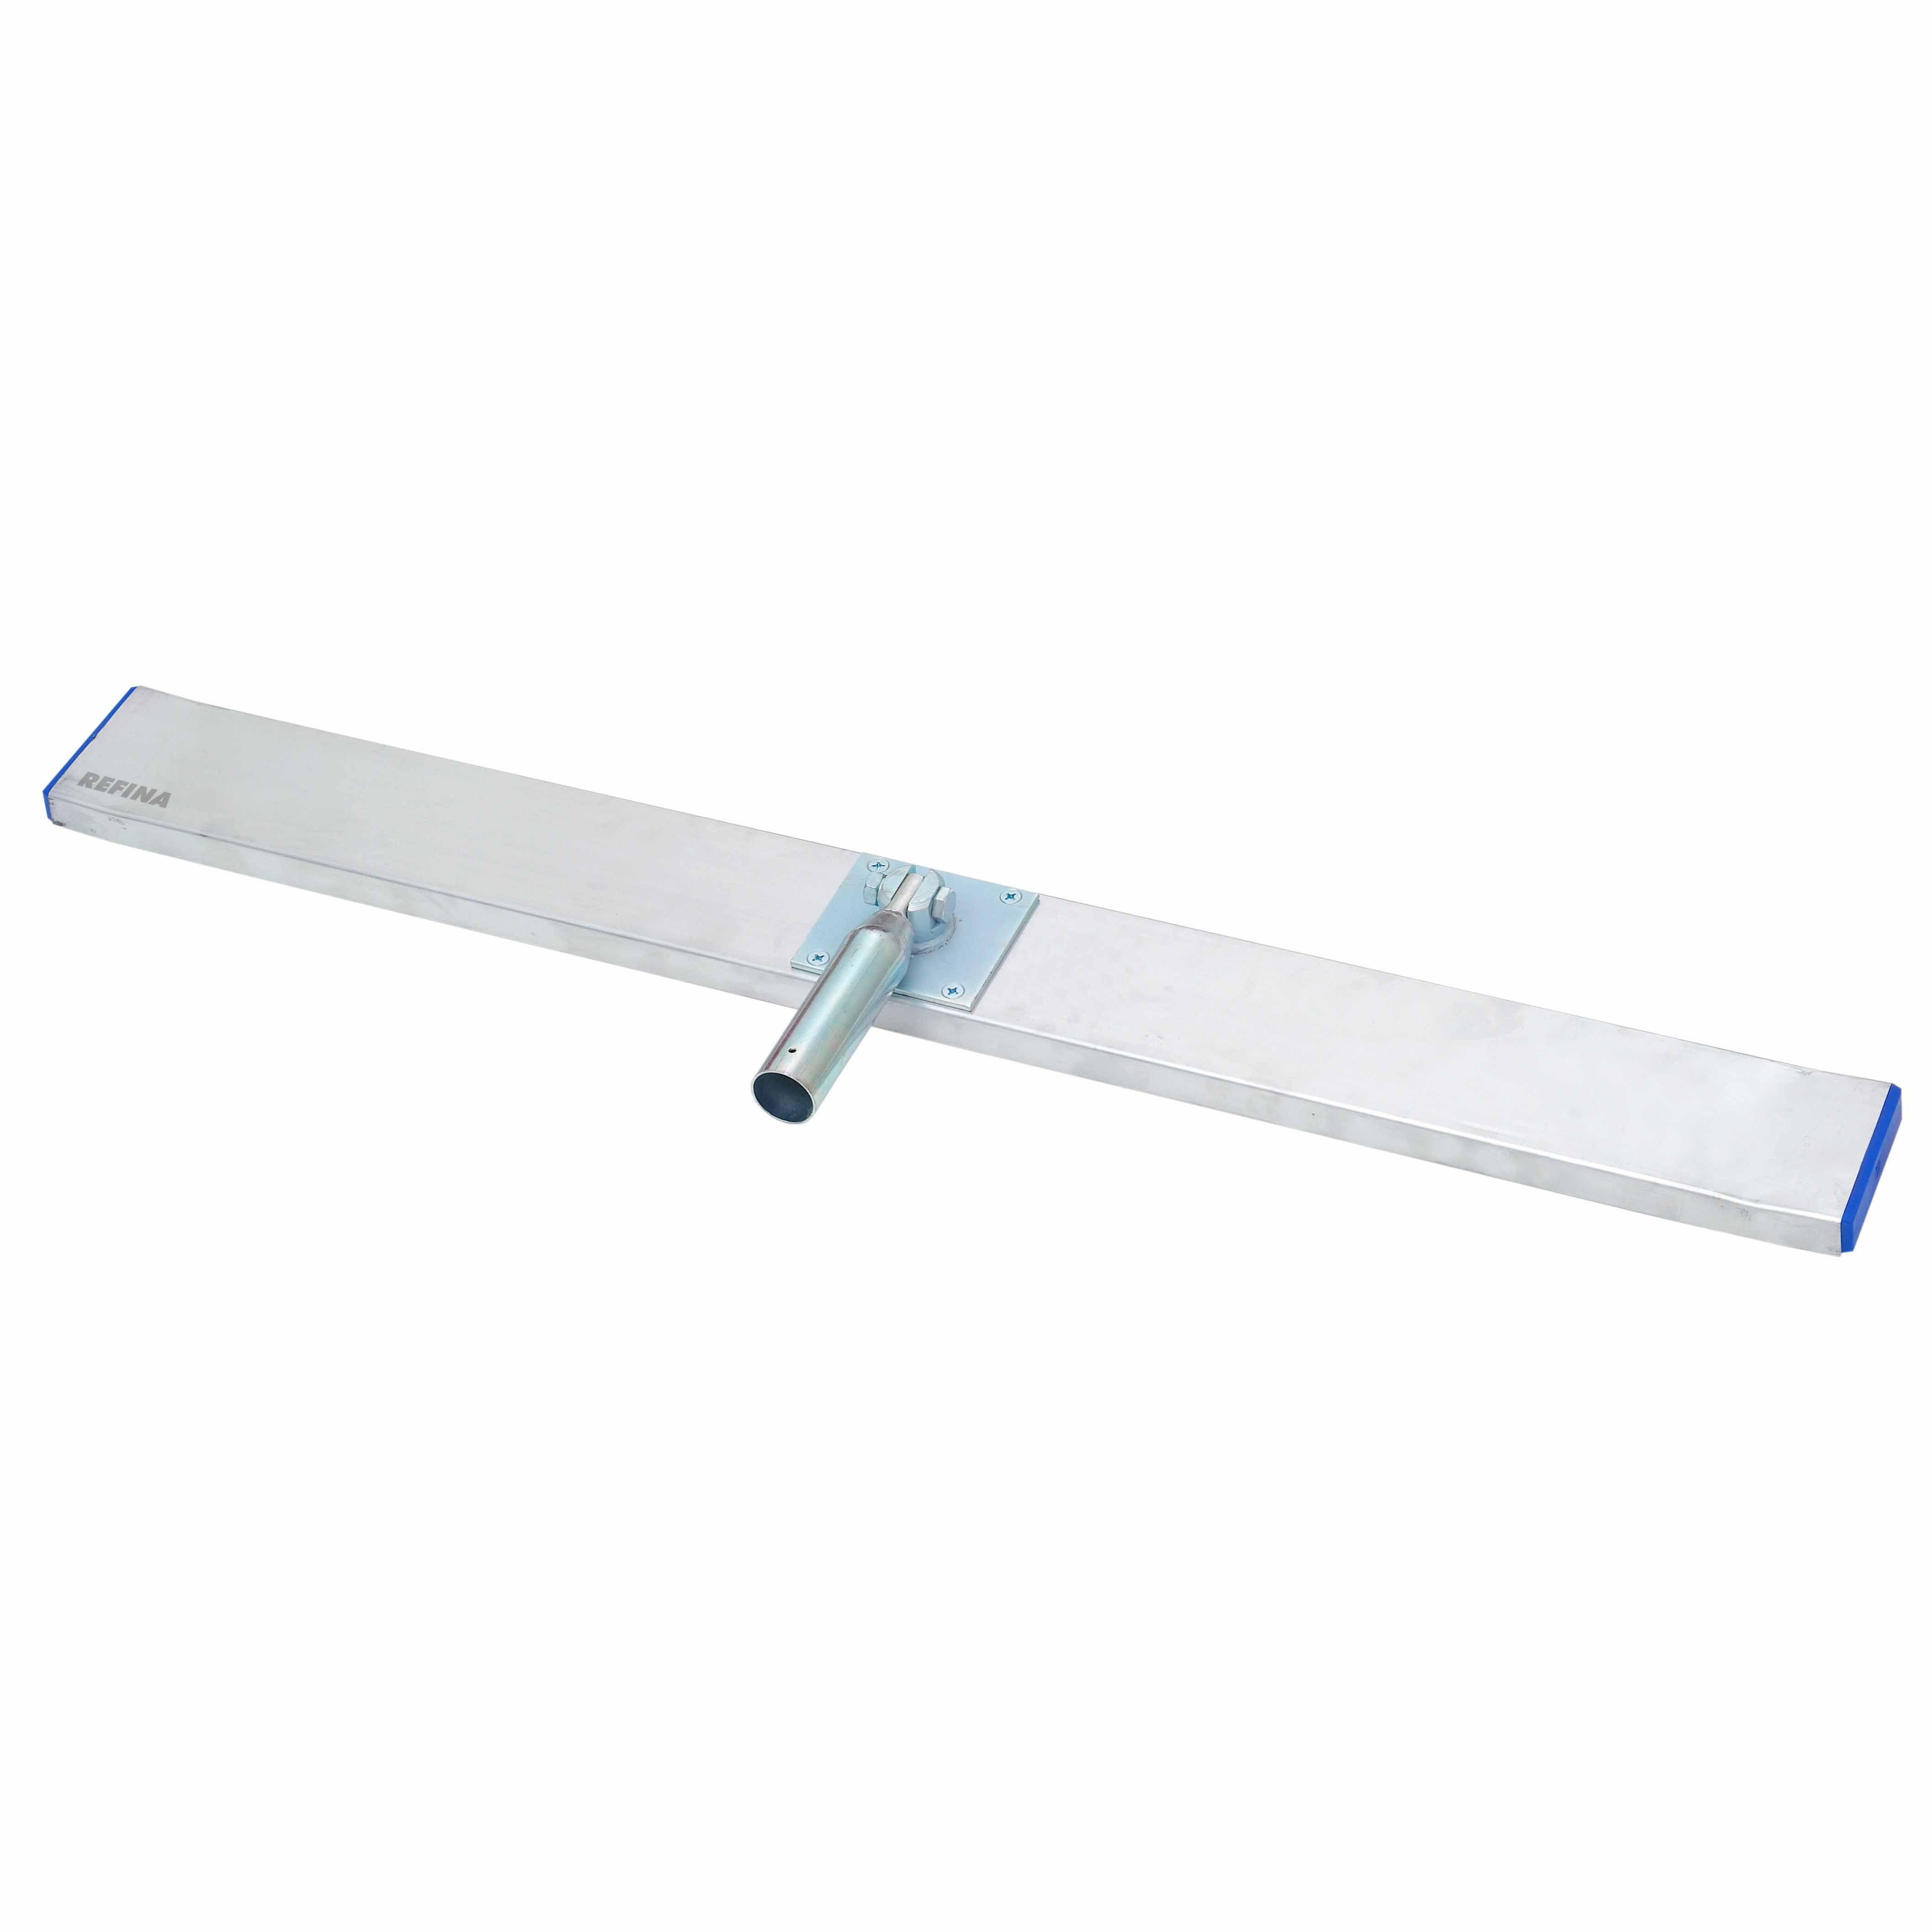 Aluminium Smoothing Float